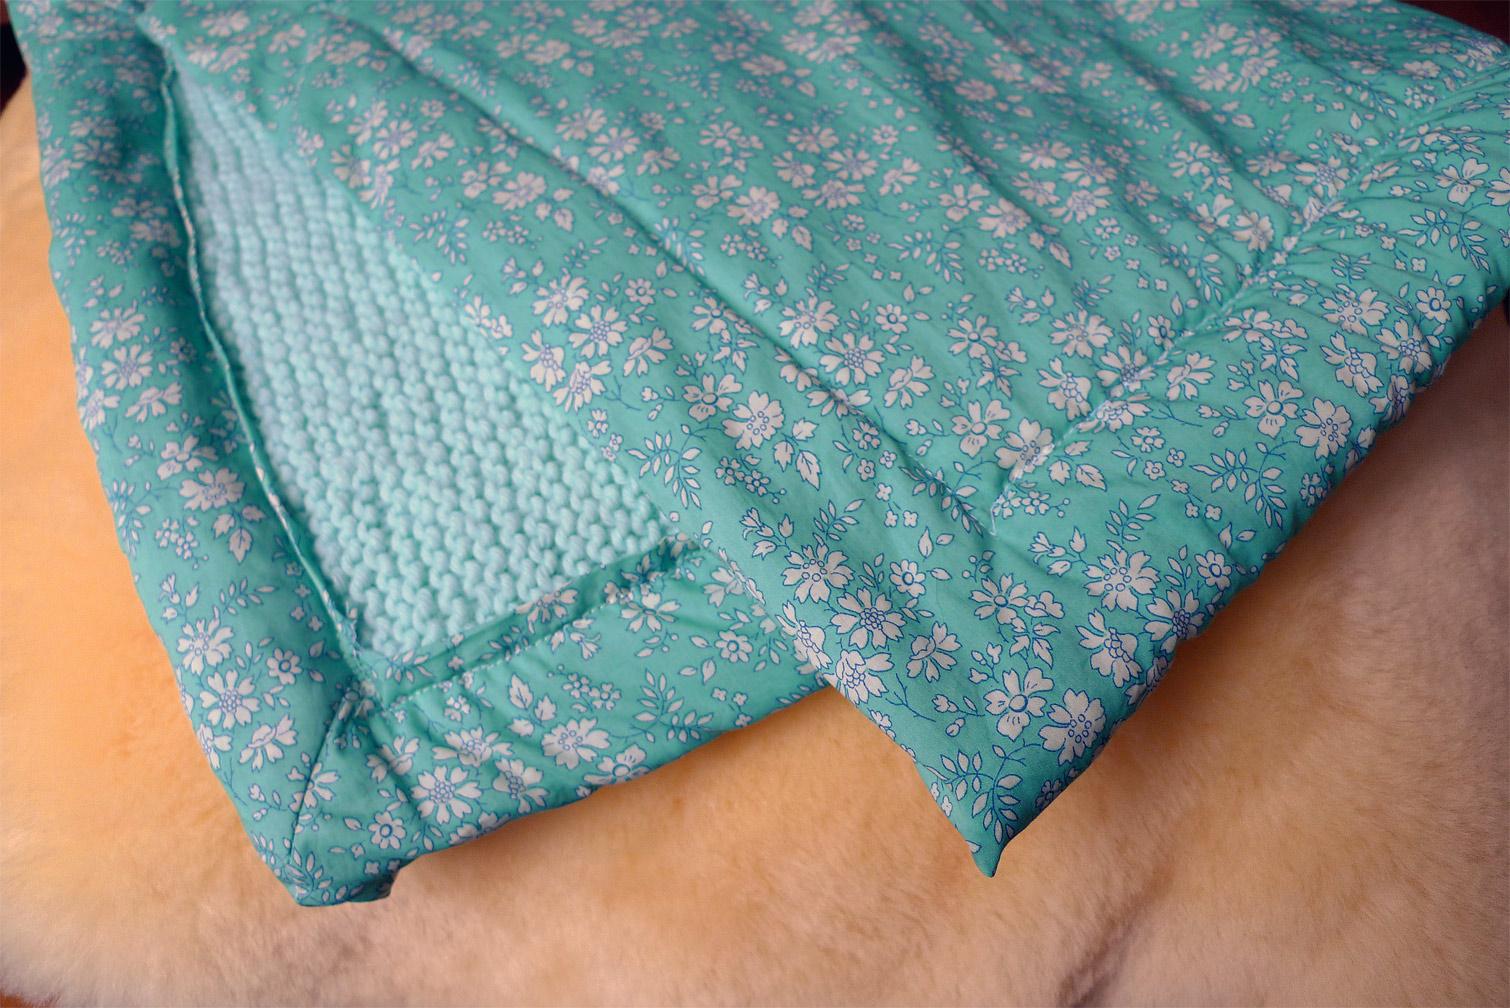 Tuto tricoter et doubler un plaid pour b b fafaille - Tricoter un plaid facile ...